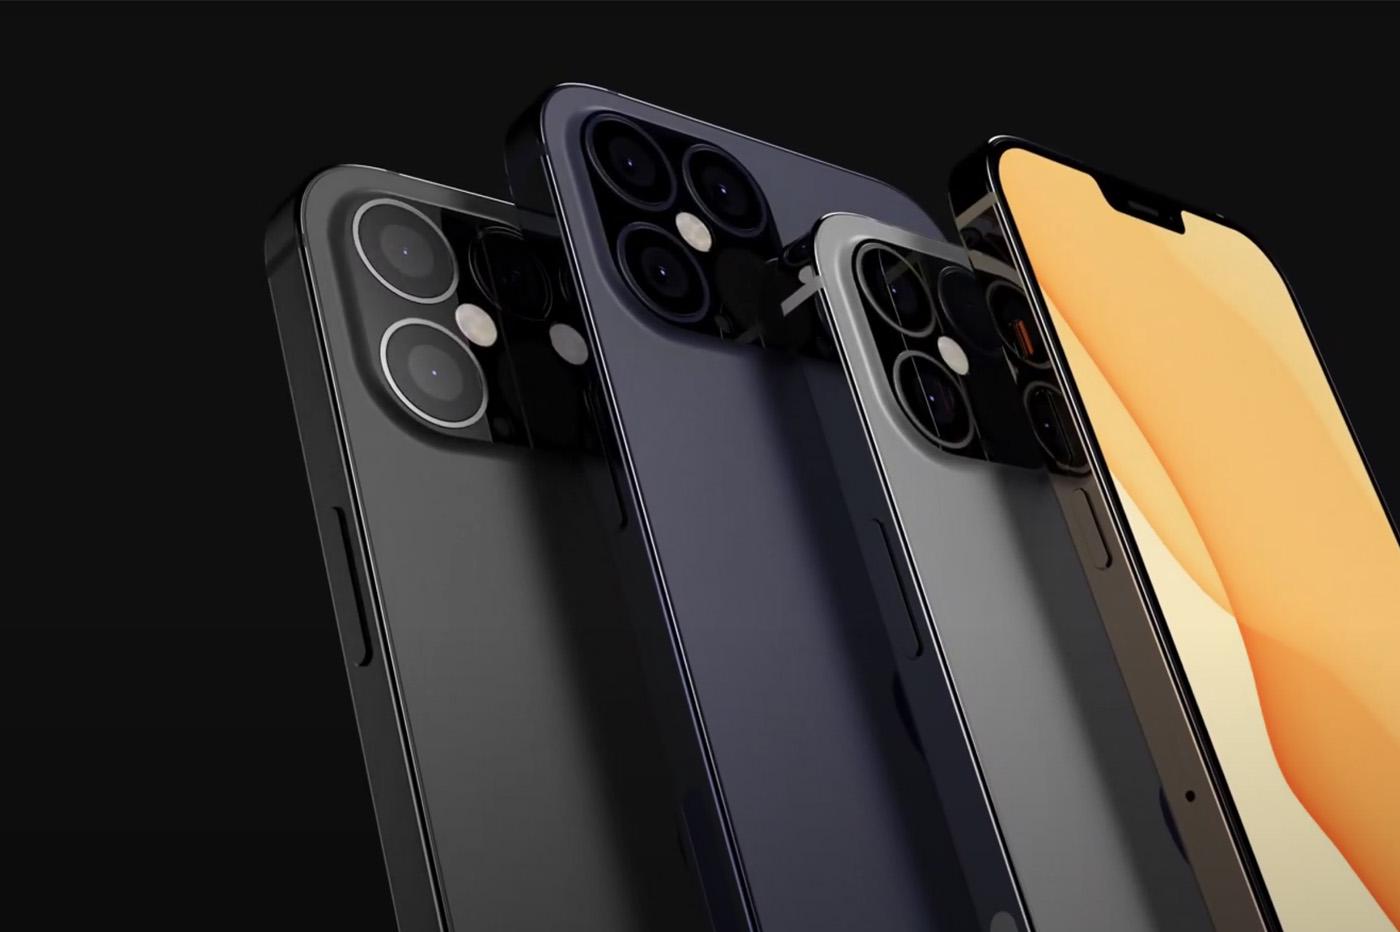 iphone 12 video - iPhone 12 : l'appareil photo embarquerait toujours 12 mégapixels